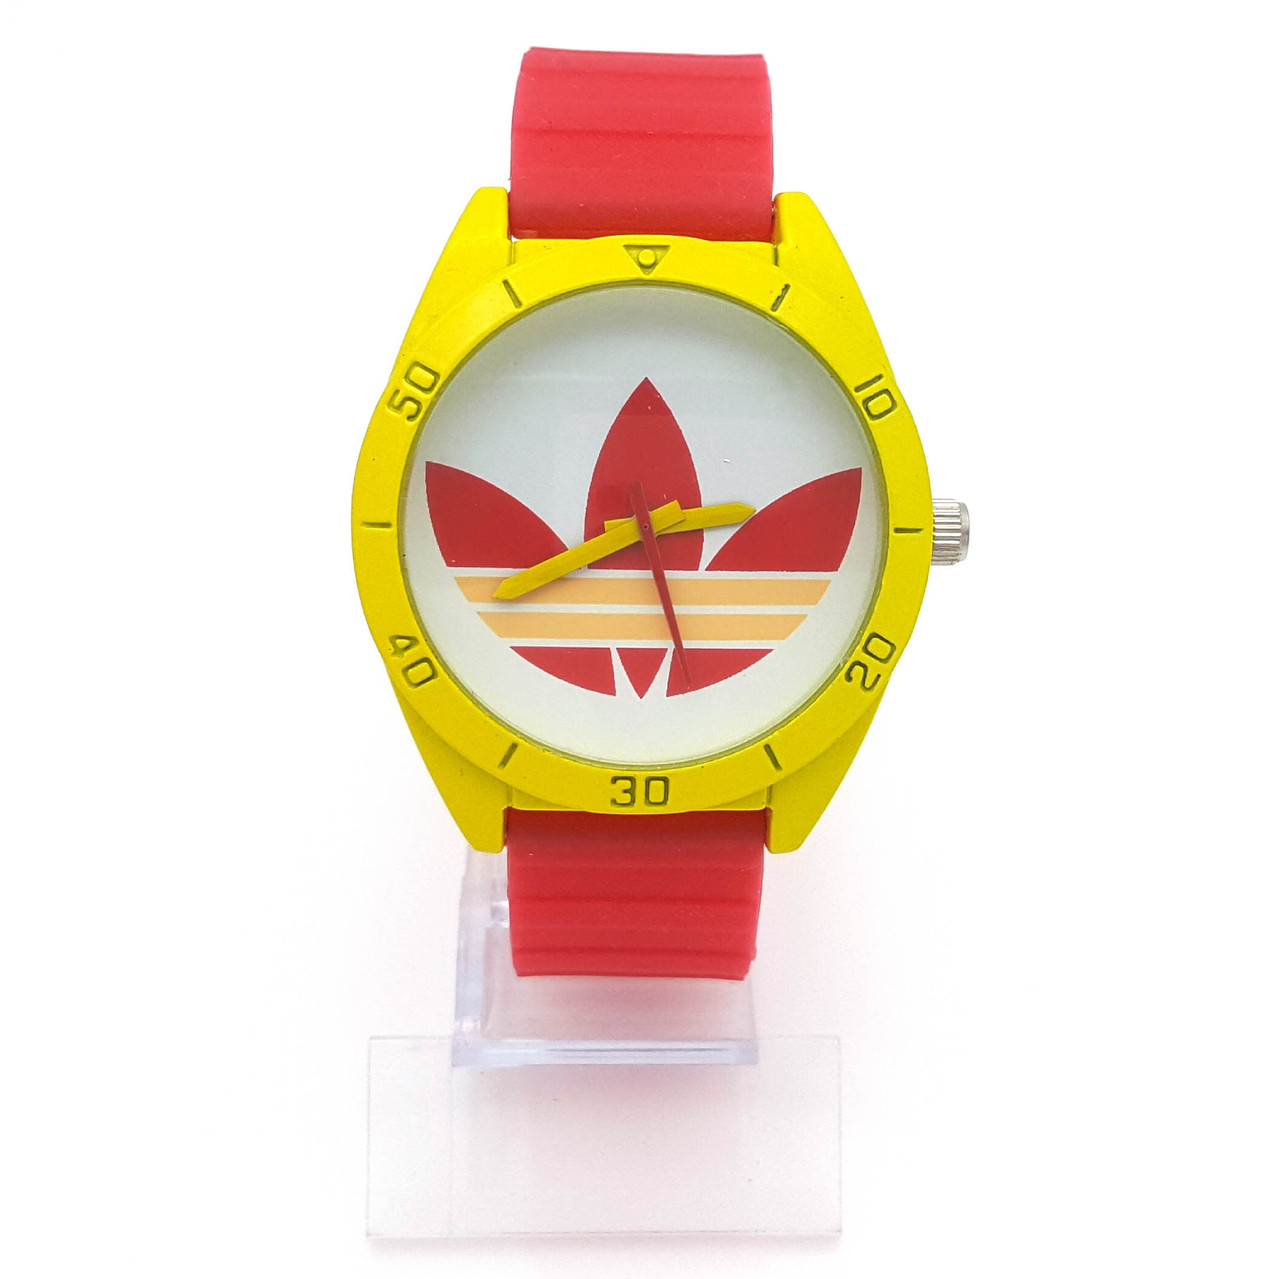 Часы на красном силиконовом ремешке, длина 18-22см, циферблат 43мм